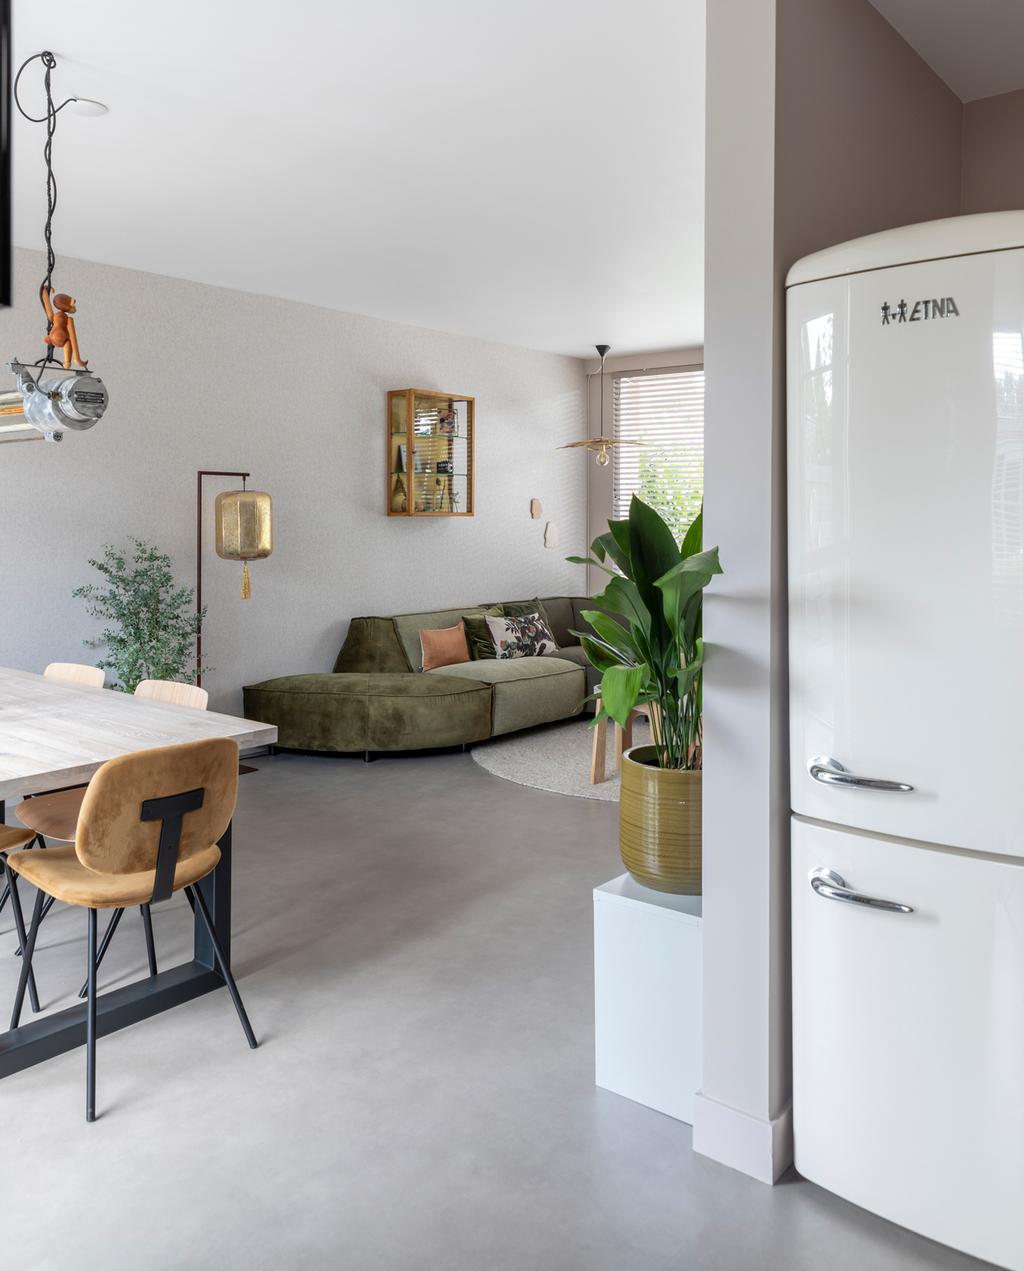 vtwonen weer verliefd op je huis aflevering 5 seizoen 12 | stylist Eva in Heemstede | woonkamer en keuken in een ruimte